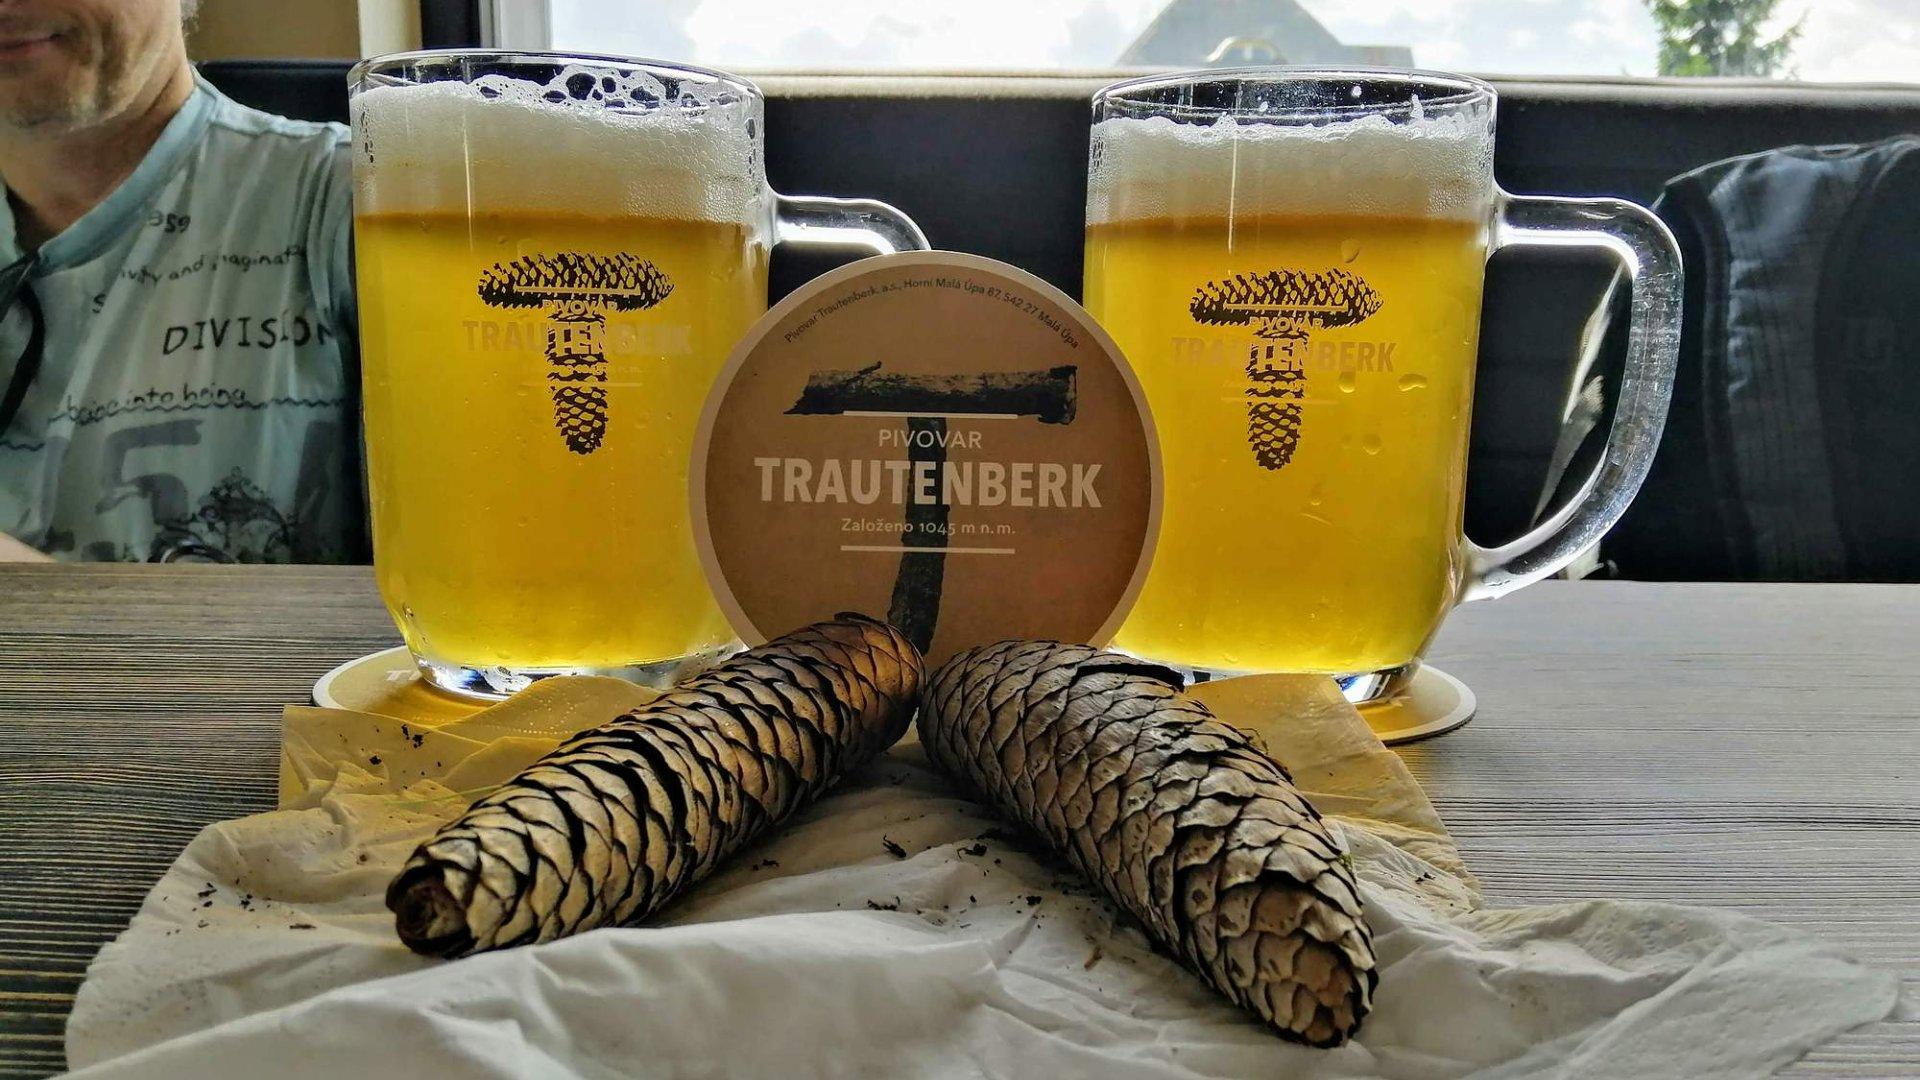 Pivovar Trautenberk v Malé Úpě – Geniální cíl výletu v Krkonoších